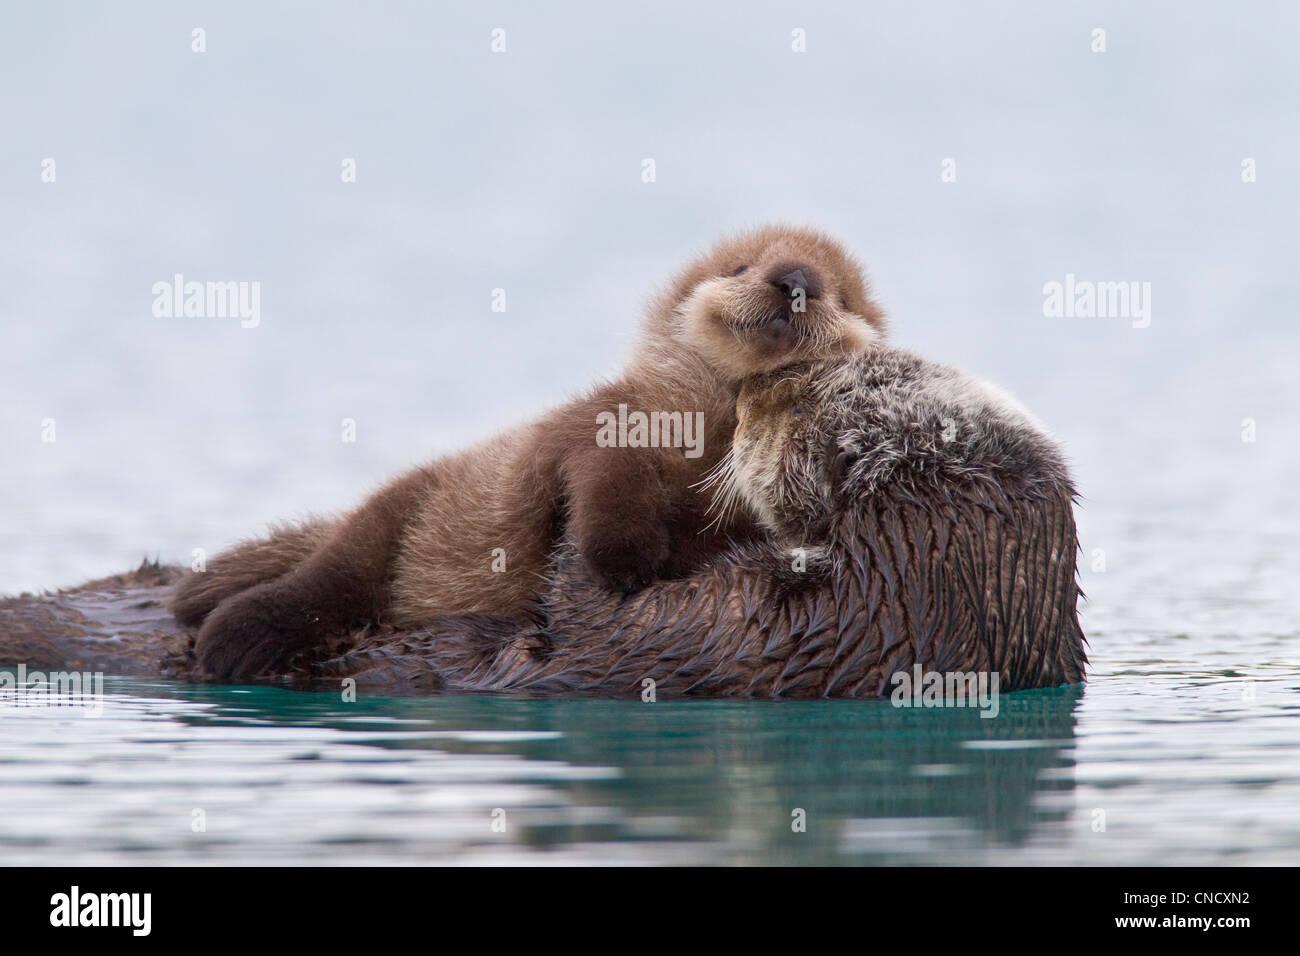 Weiblich-Sea Otter mit neugeborenen Welpen Reiten auf ihren Magen, Prinz-William-Sund, Yunan Alaska, Winter Stockbild